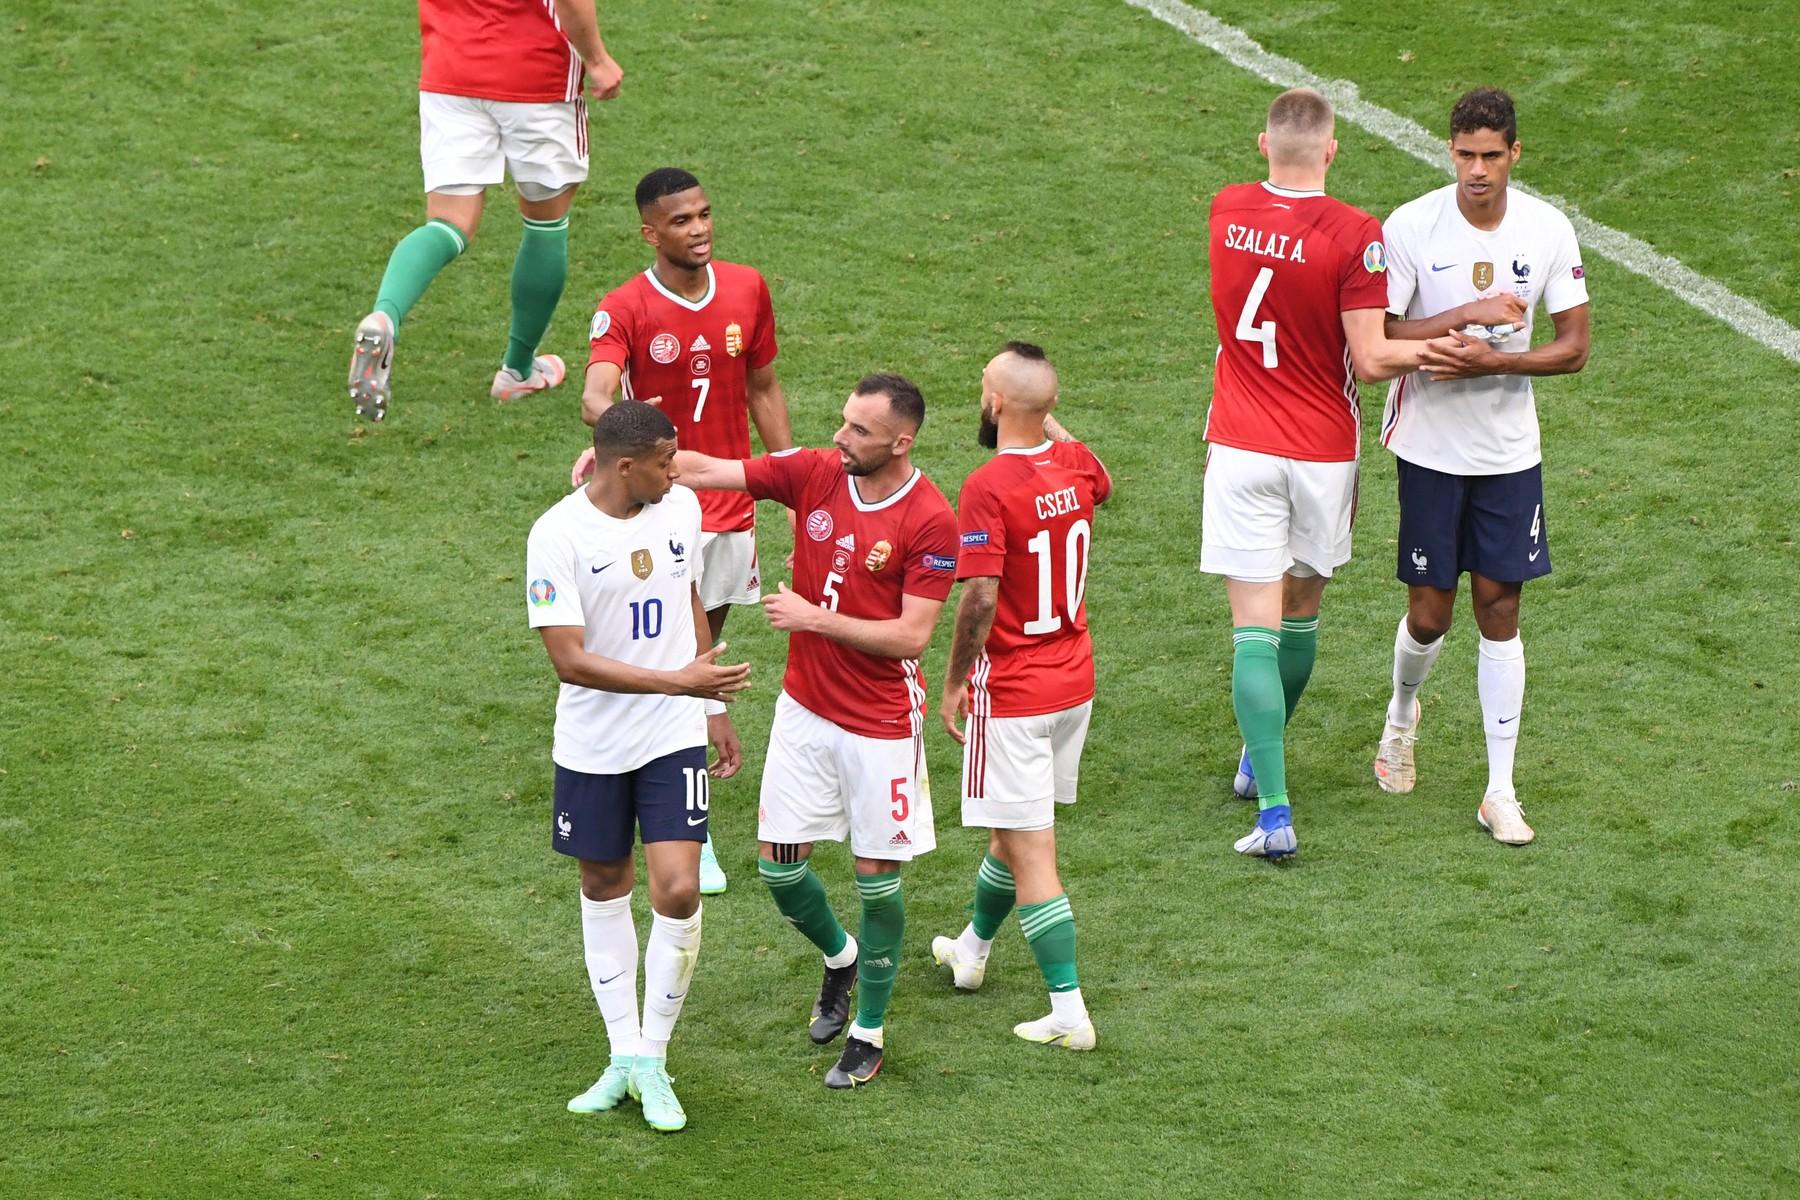 Match de l'UEFA Euro 2020 opposant la Hongrie ŕ la France au stade Puskas Arena ŕ Budapest